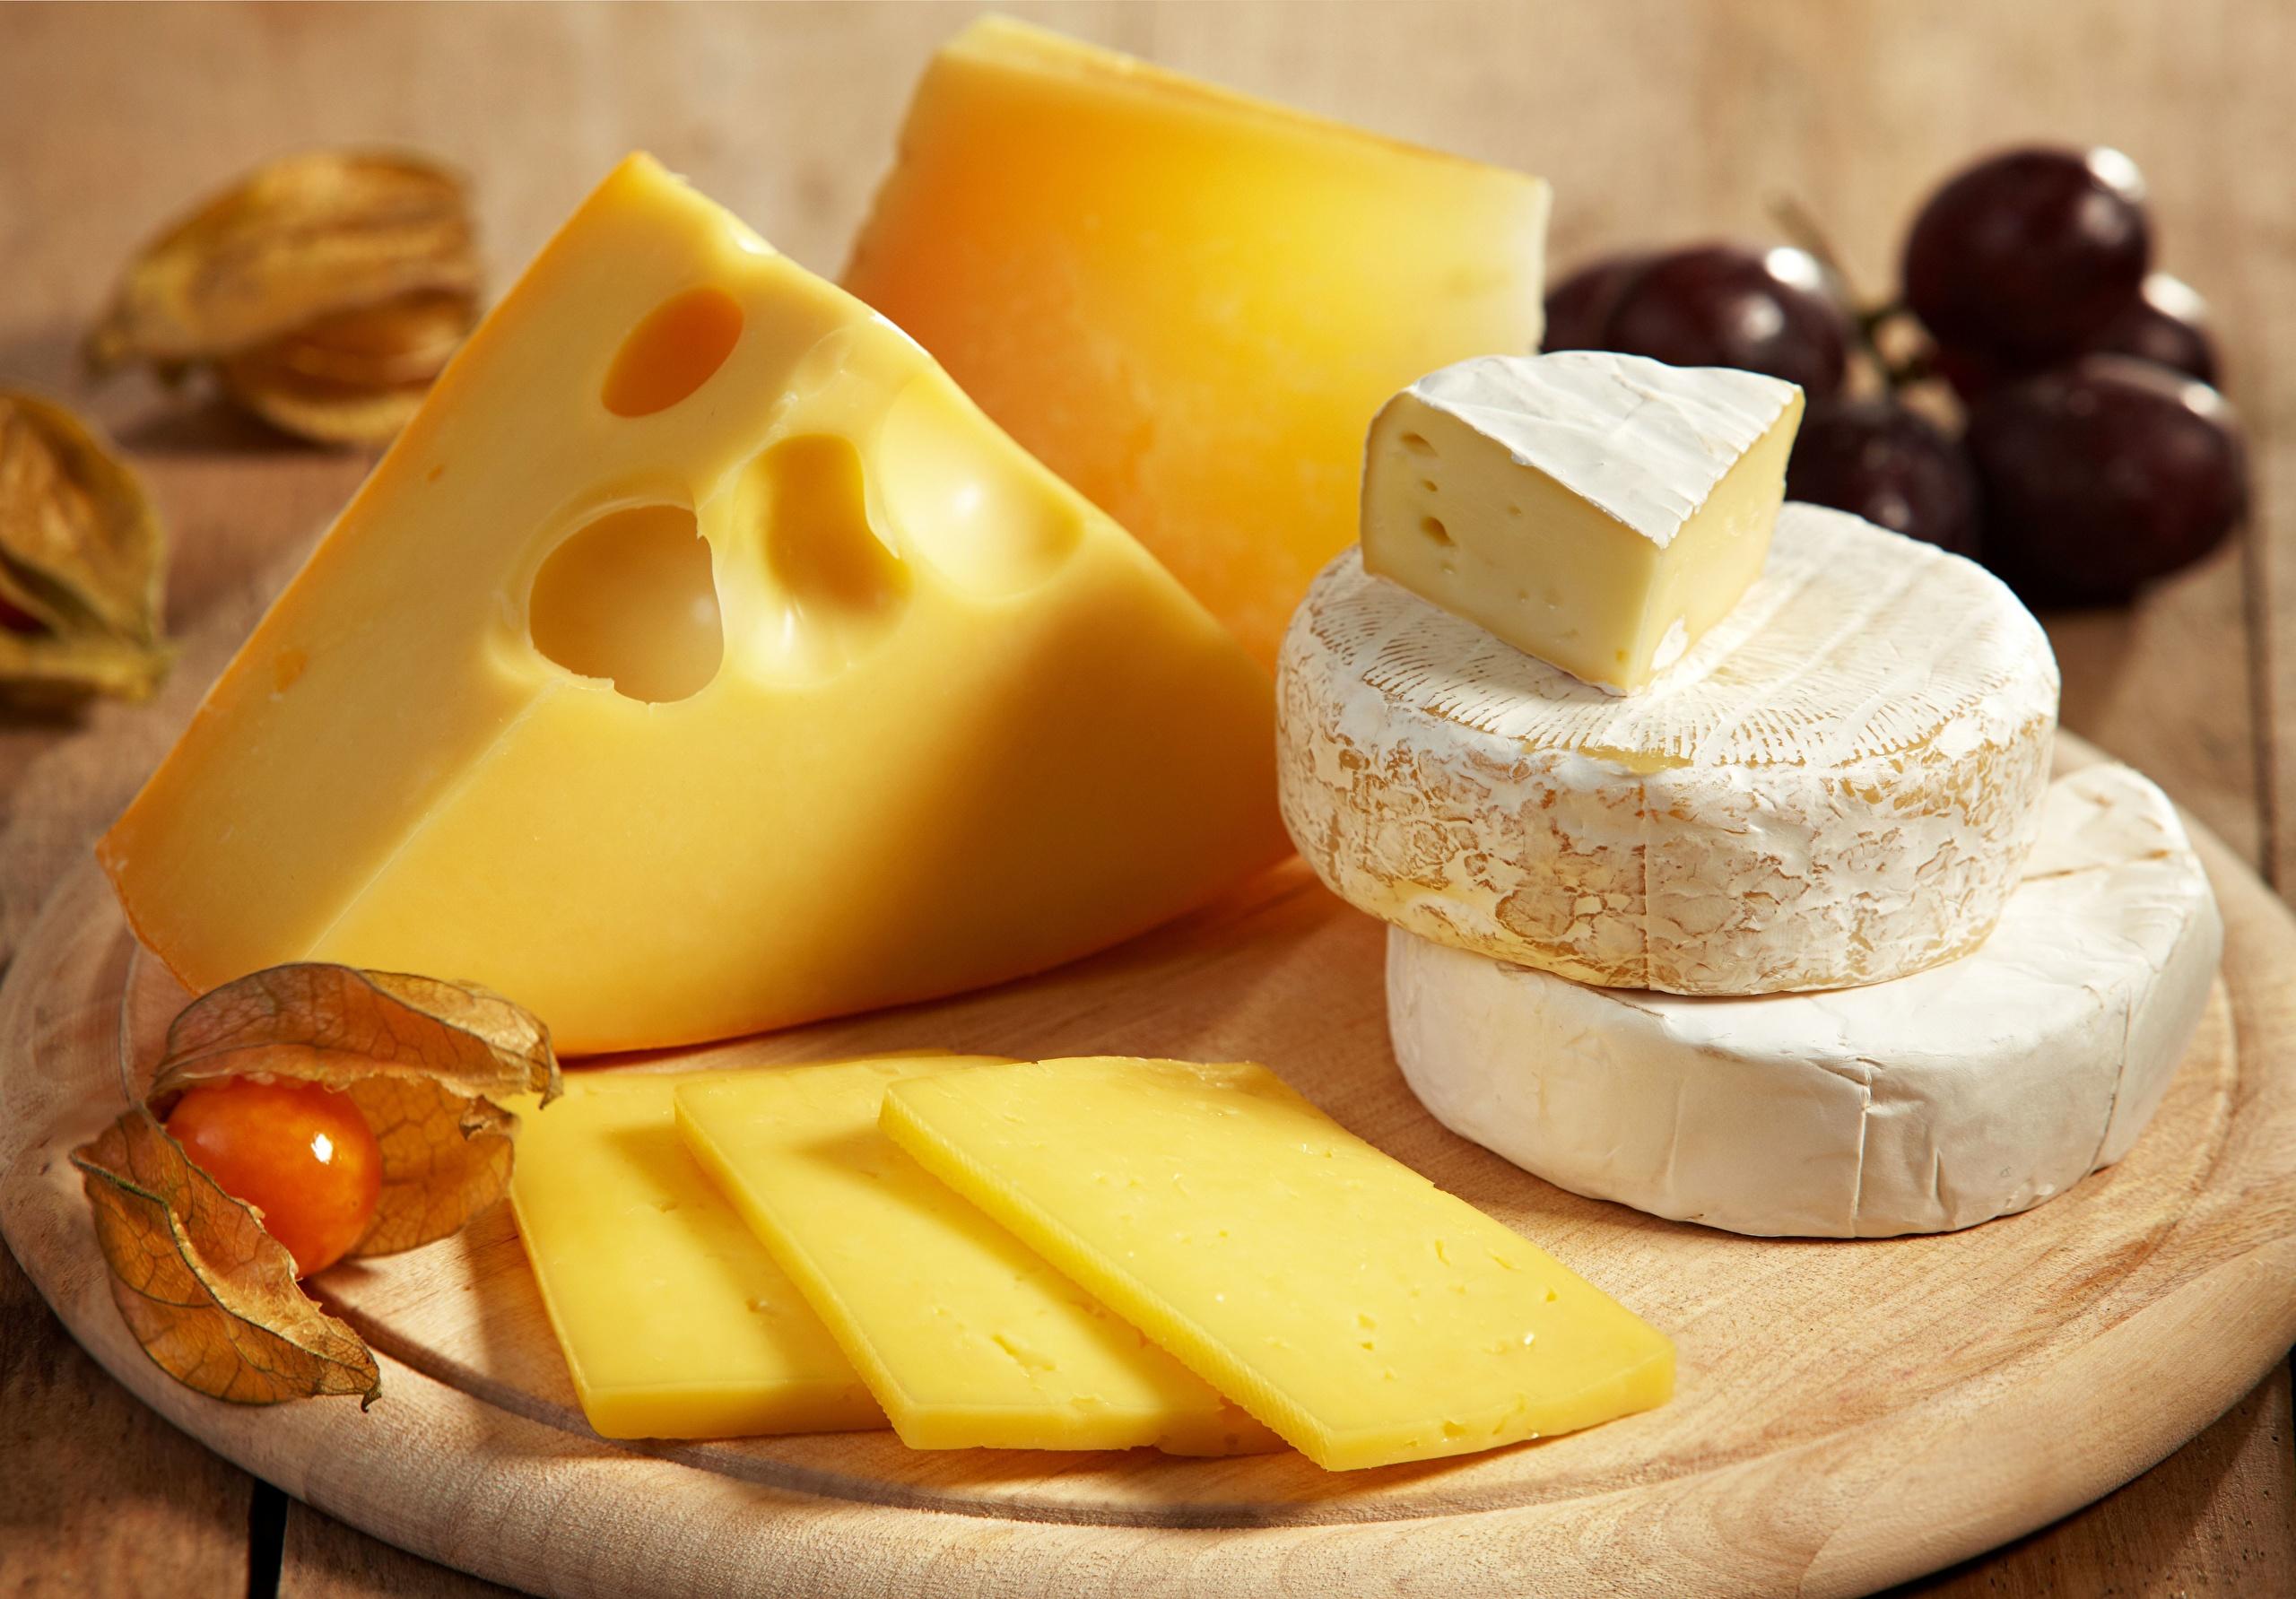 Вкусная Диета На Сыре. Сырная диета — меню, отзывы и результаты похудения